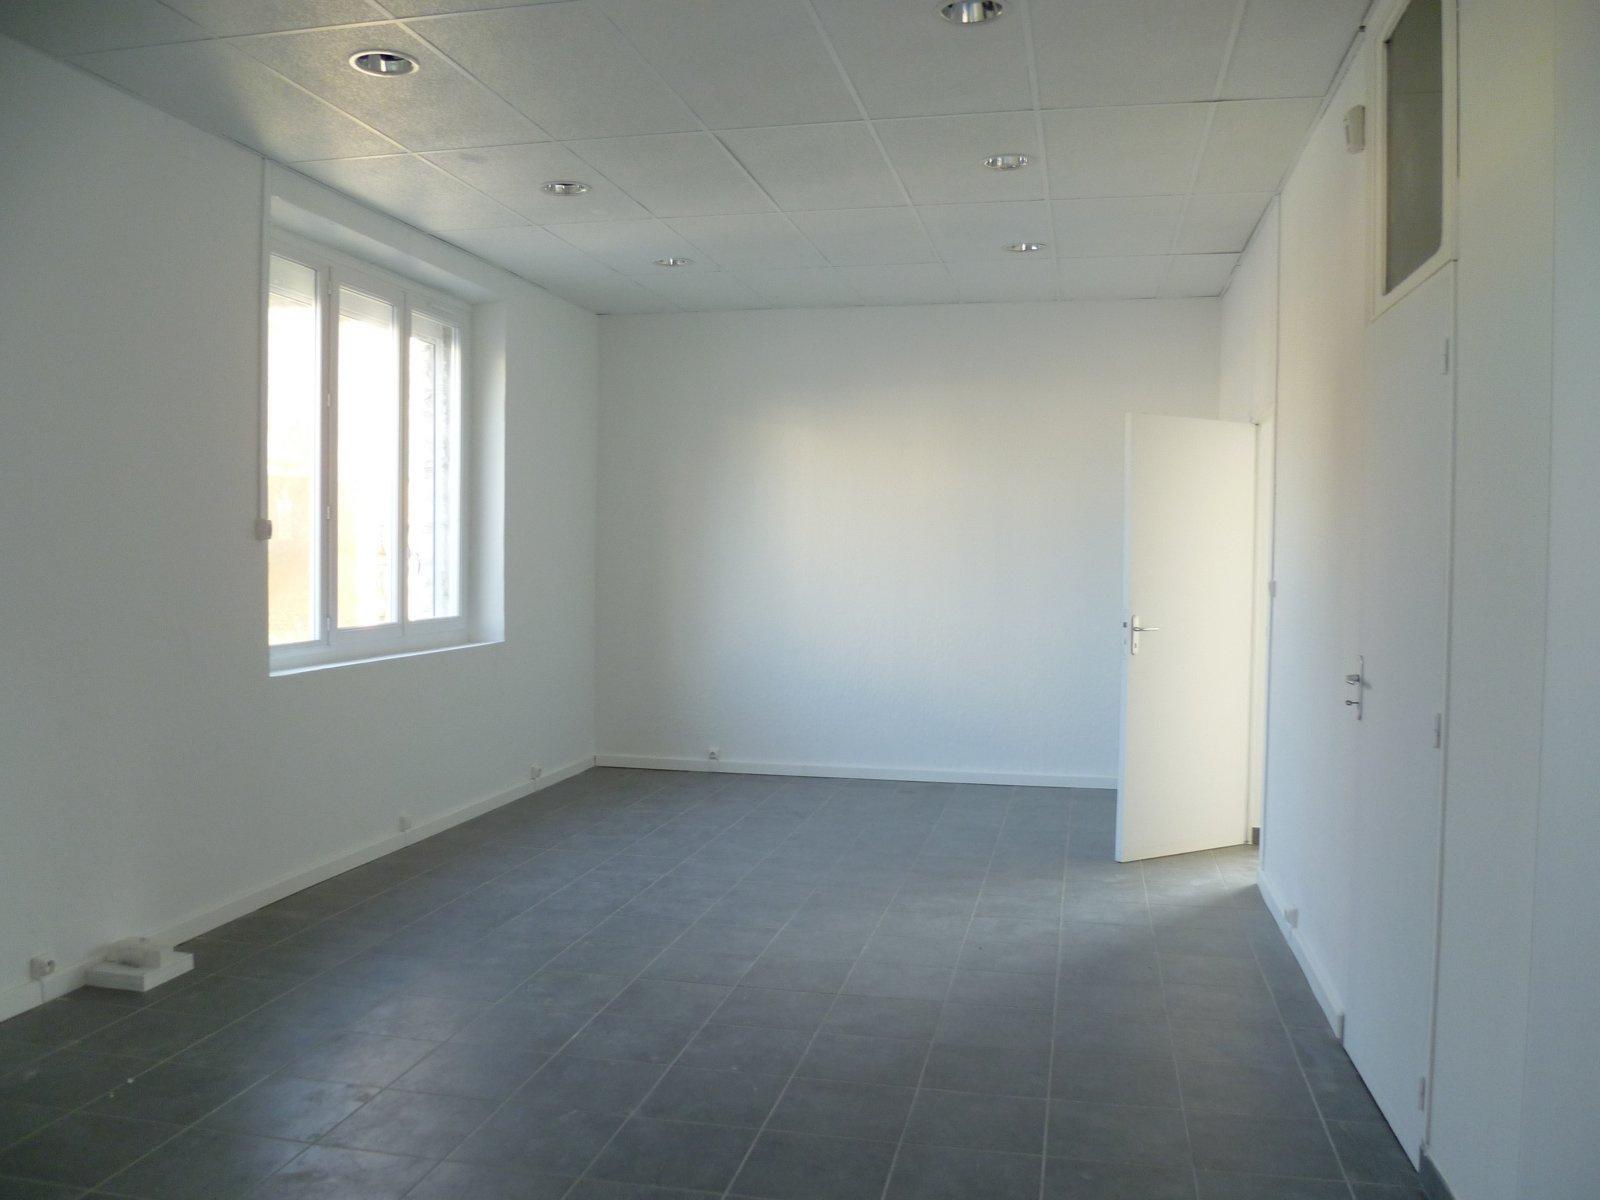 location bagnols sur c ze 30200 immobilier bagnols sur c ze 30200. Black Bedroom Furniture Sets. Home Design Ideas